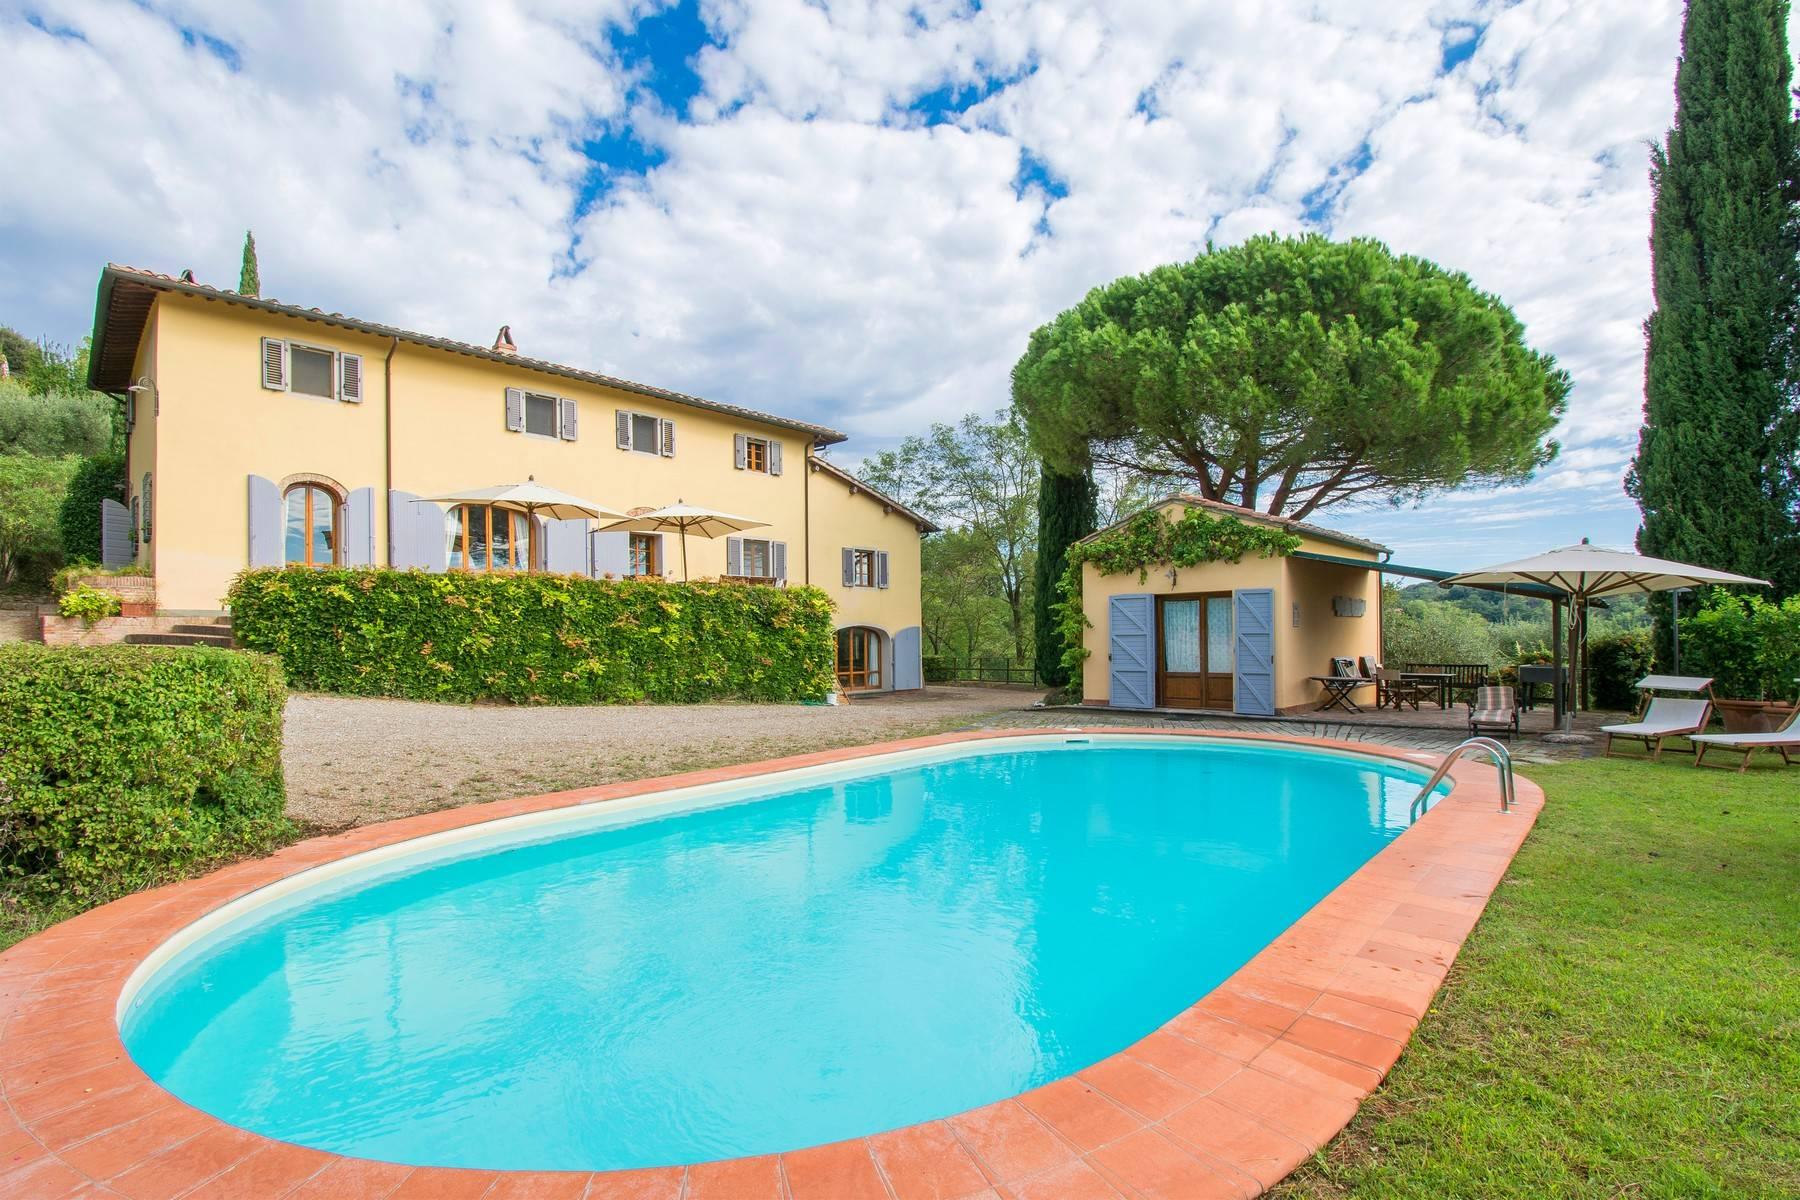 Villa in Vendita a Montopoli In Val D'Arno: 5 locali, 400 mq - Foto 5